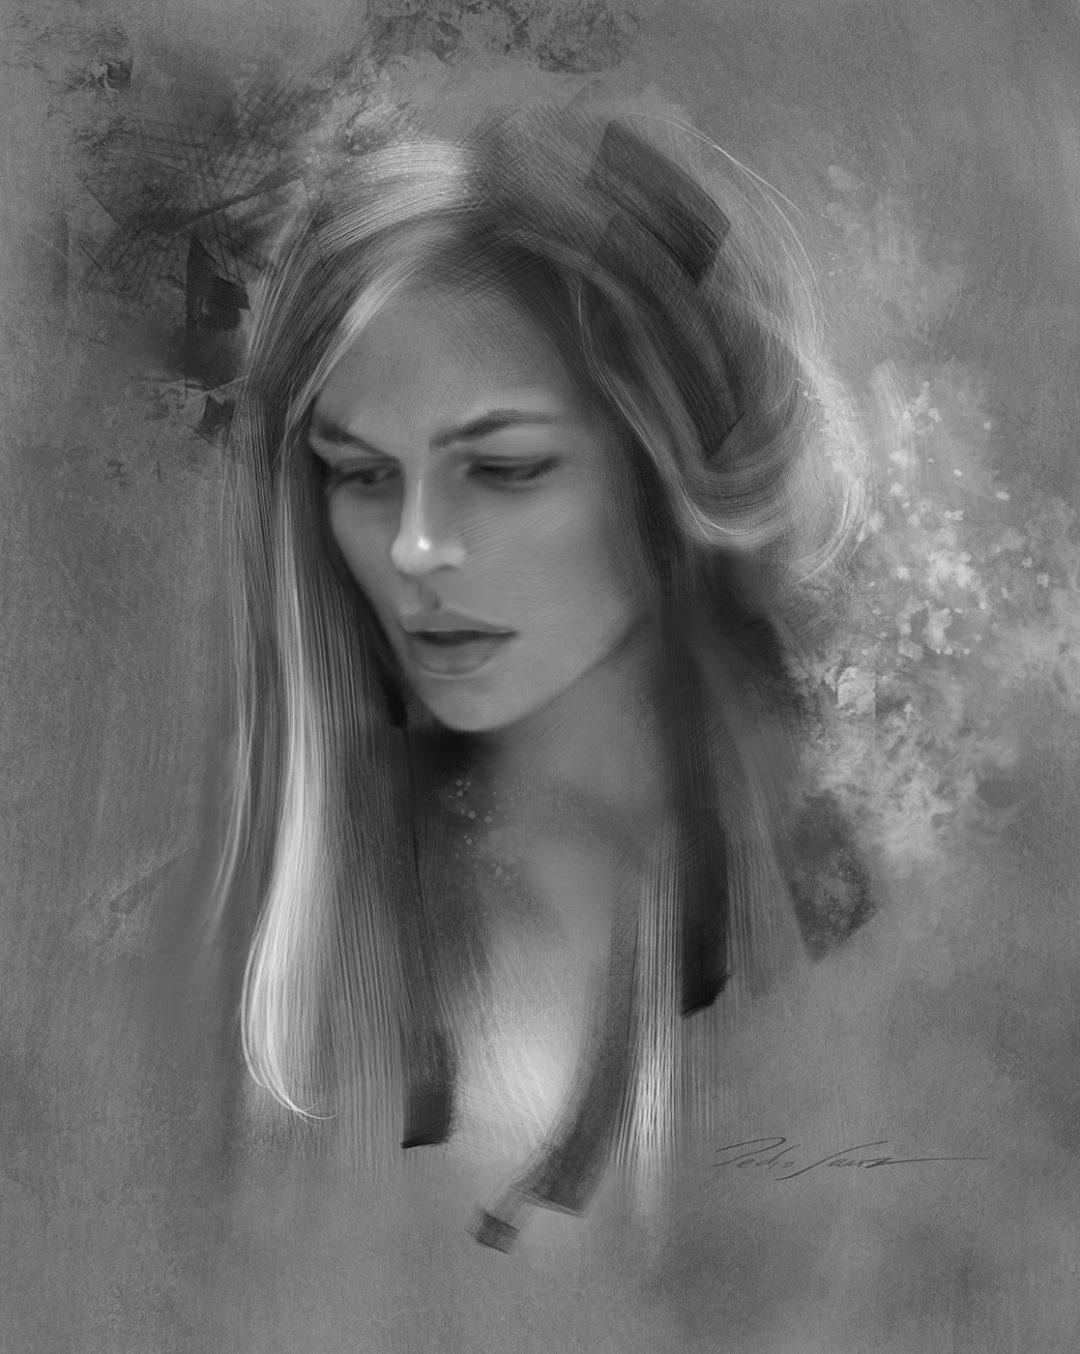 Woman portrait design